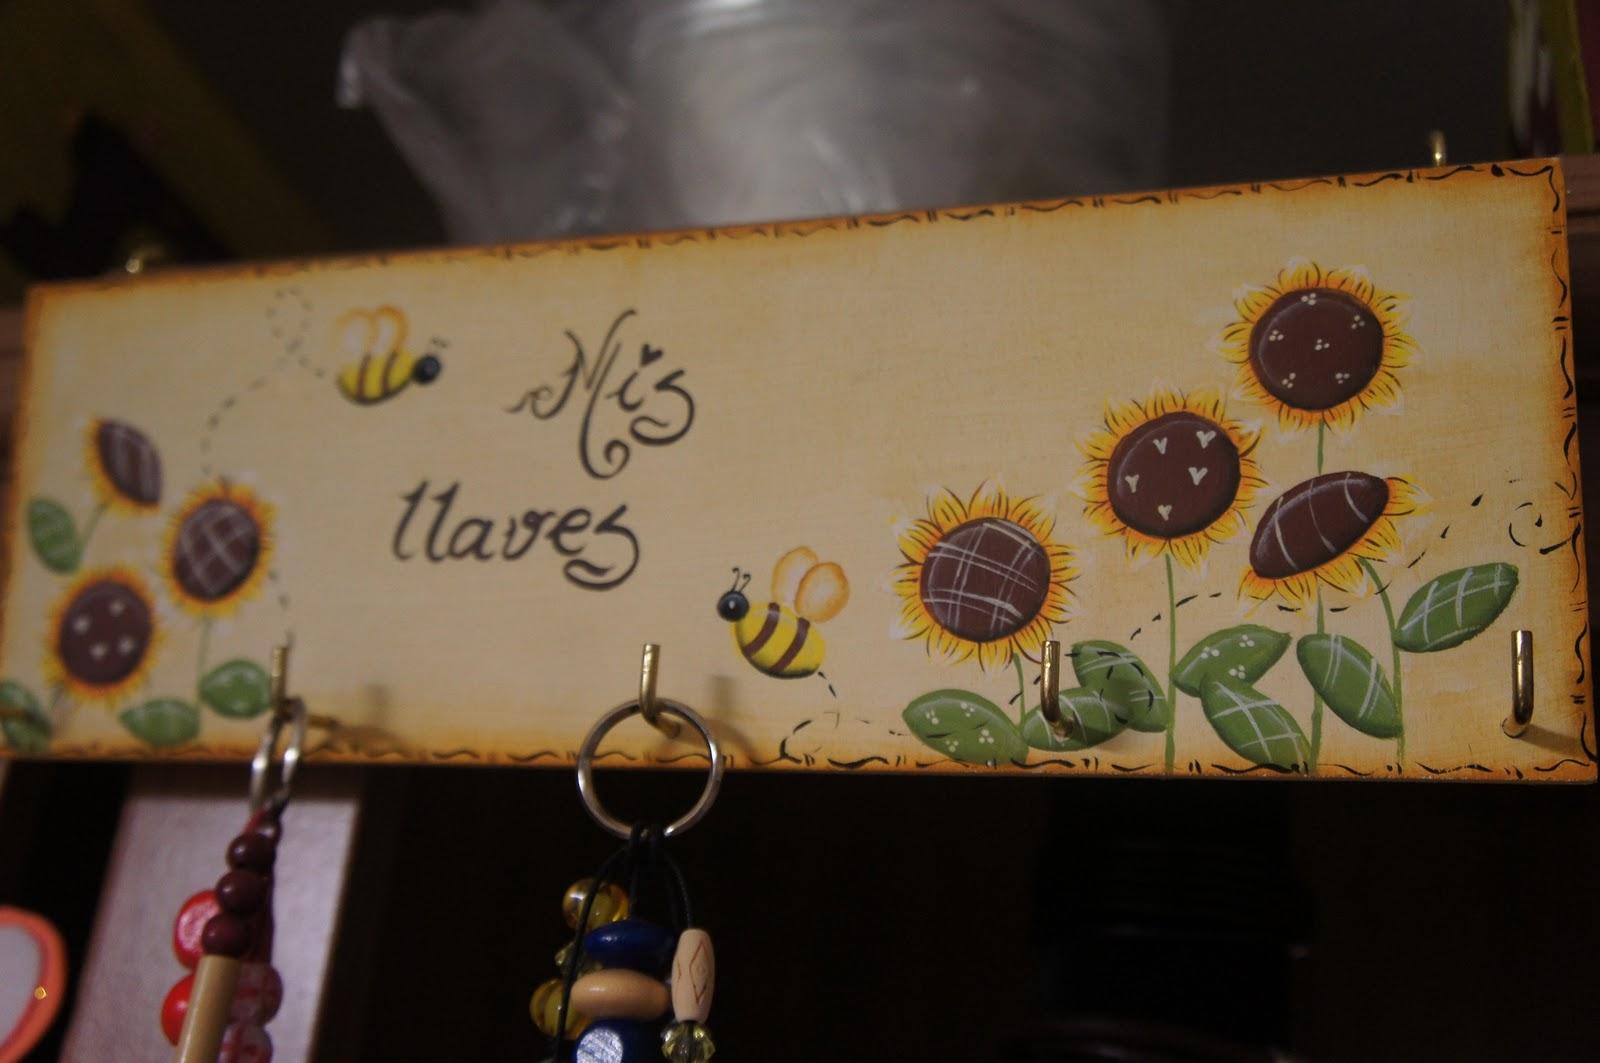 Artesania abona cuelga llaves cuelga collares y cuelga - Cajas decoradas a mano ...